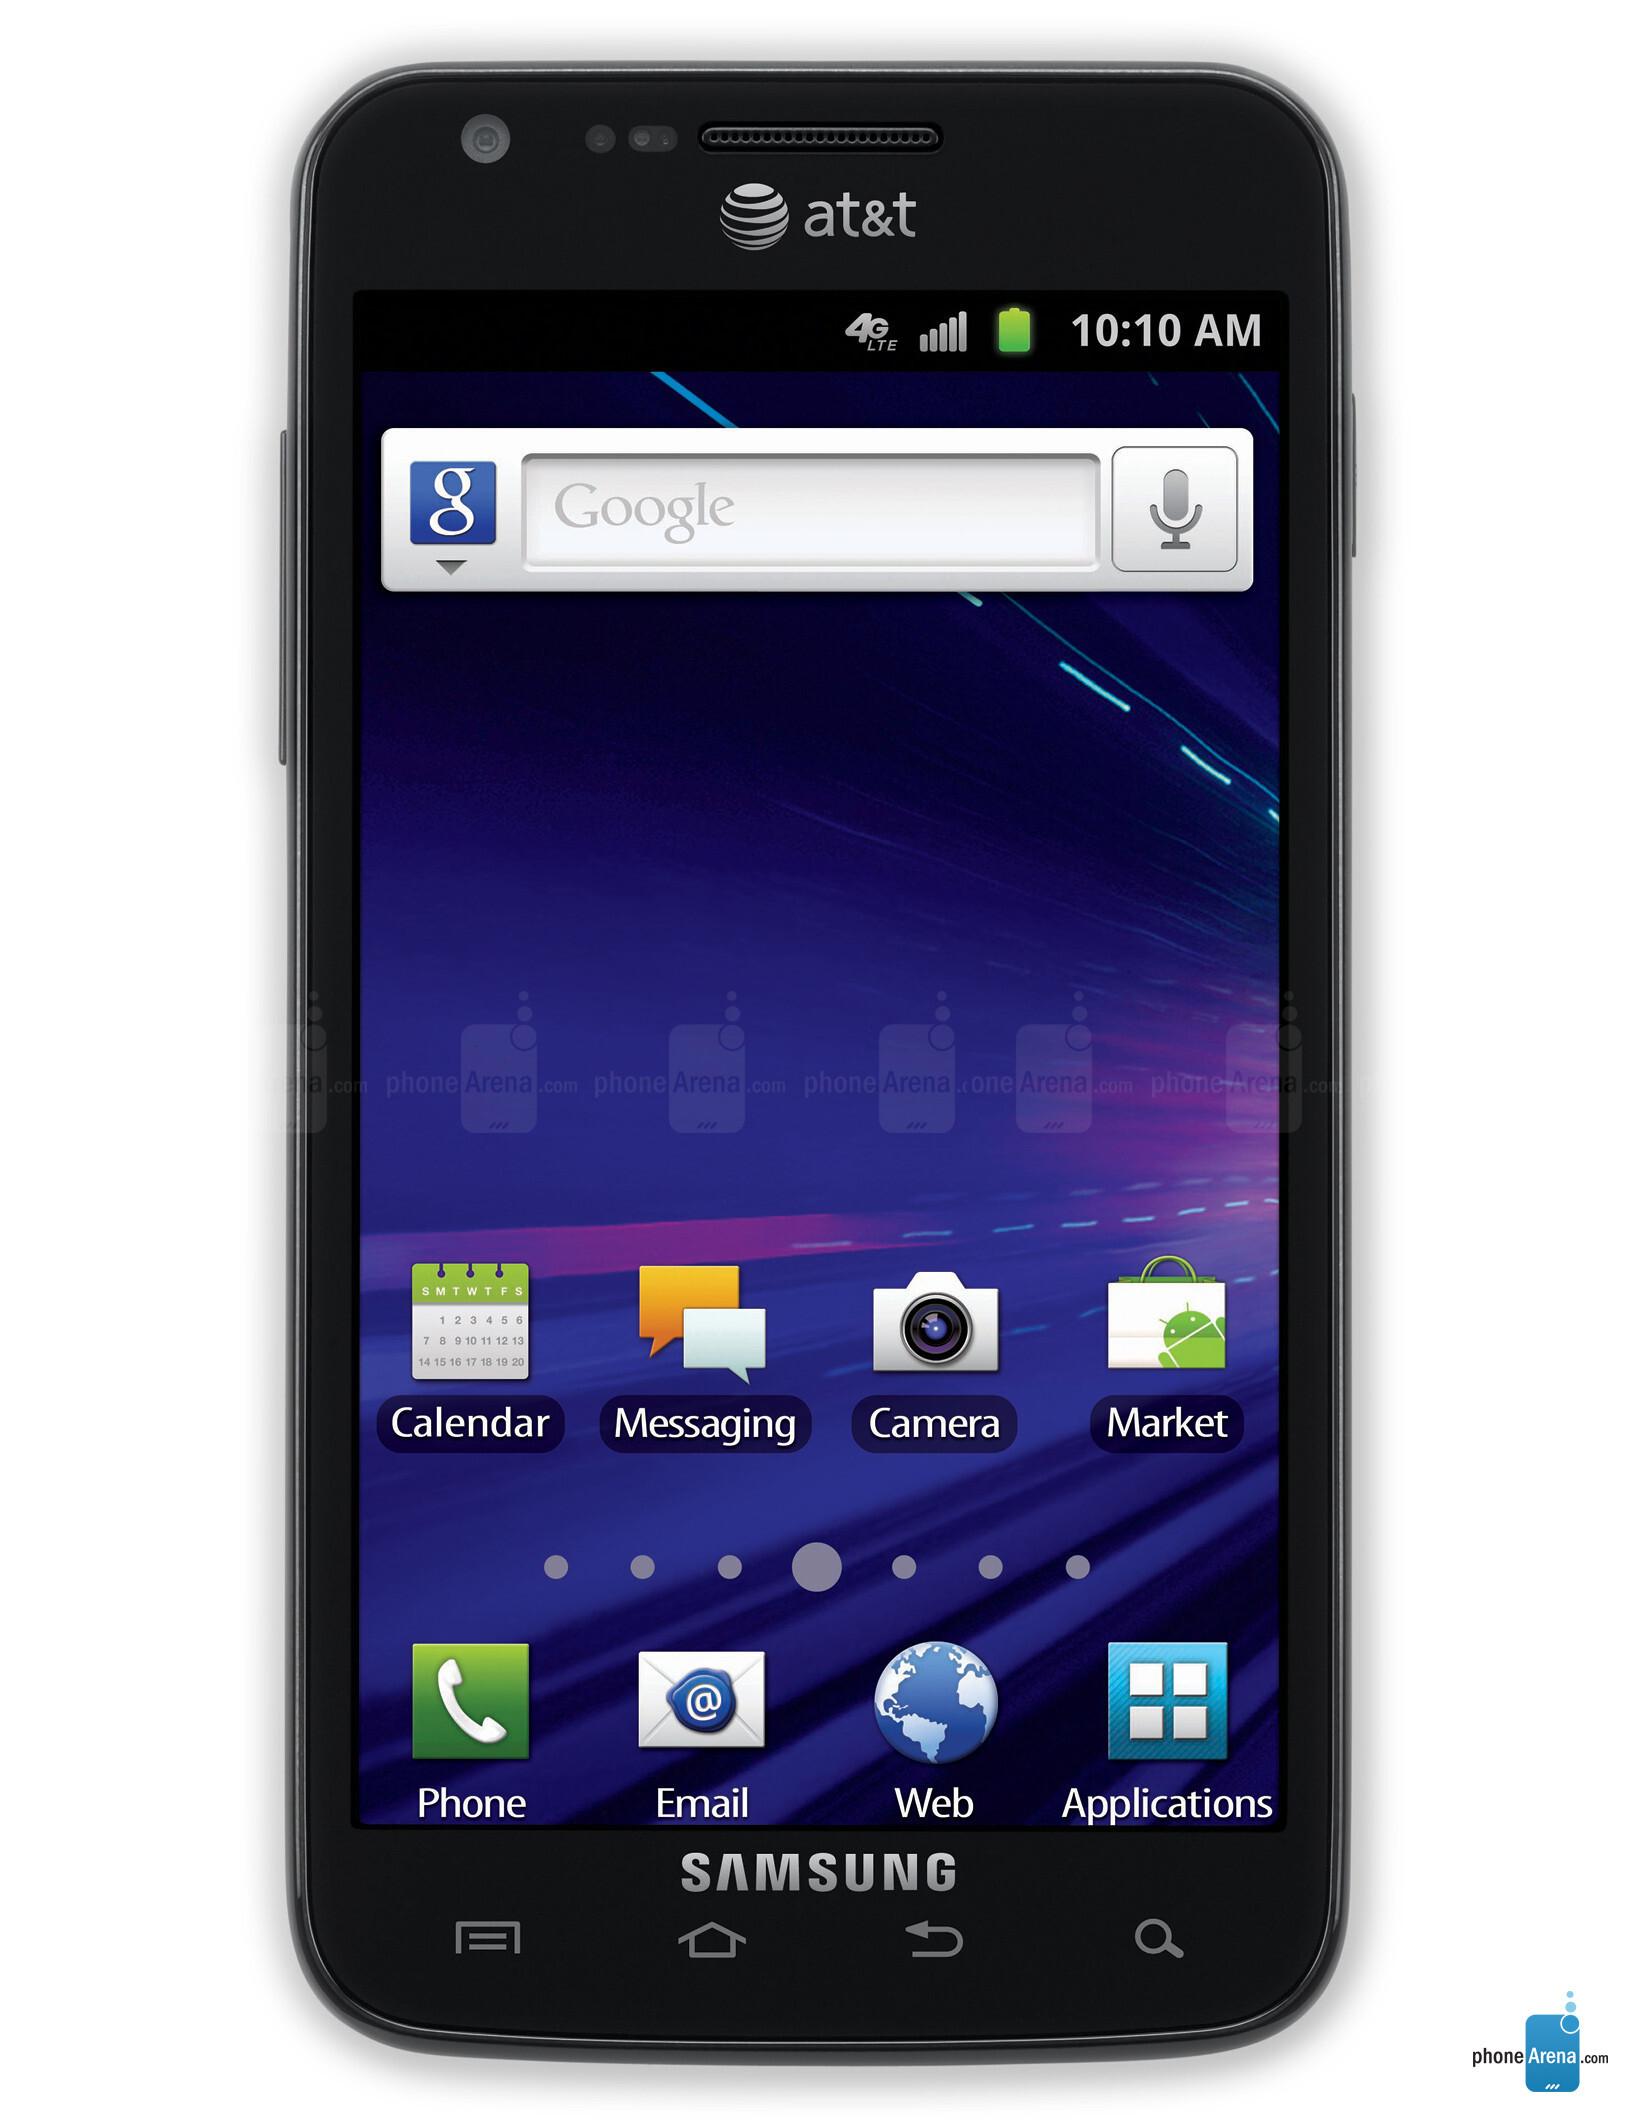 Manual. Samsung Galaxy S II Skyrocket